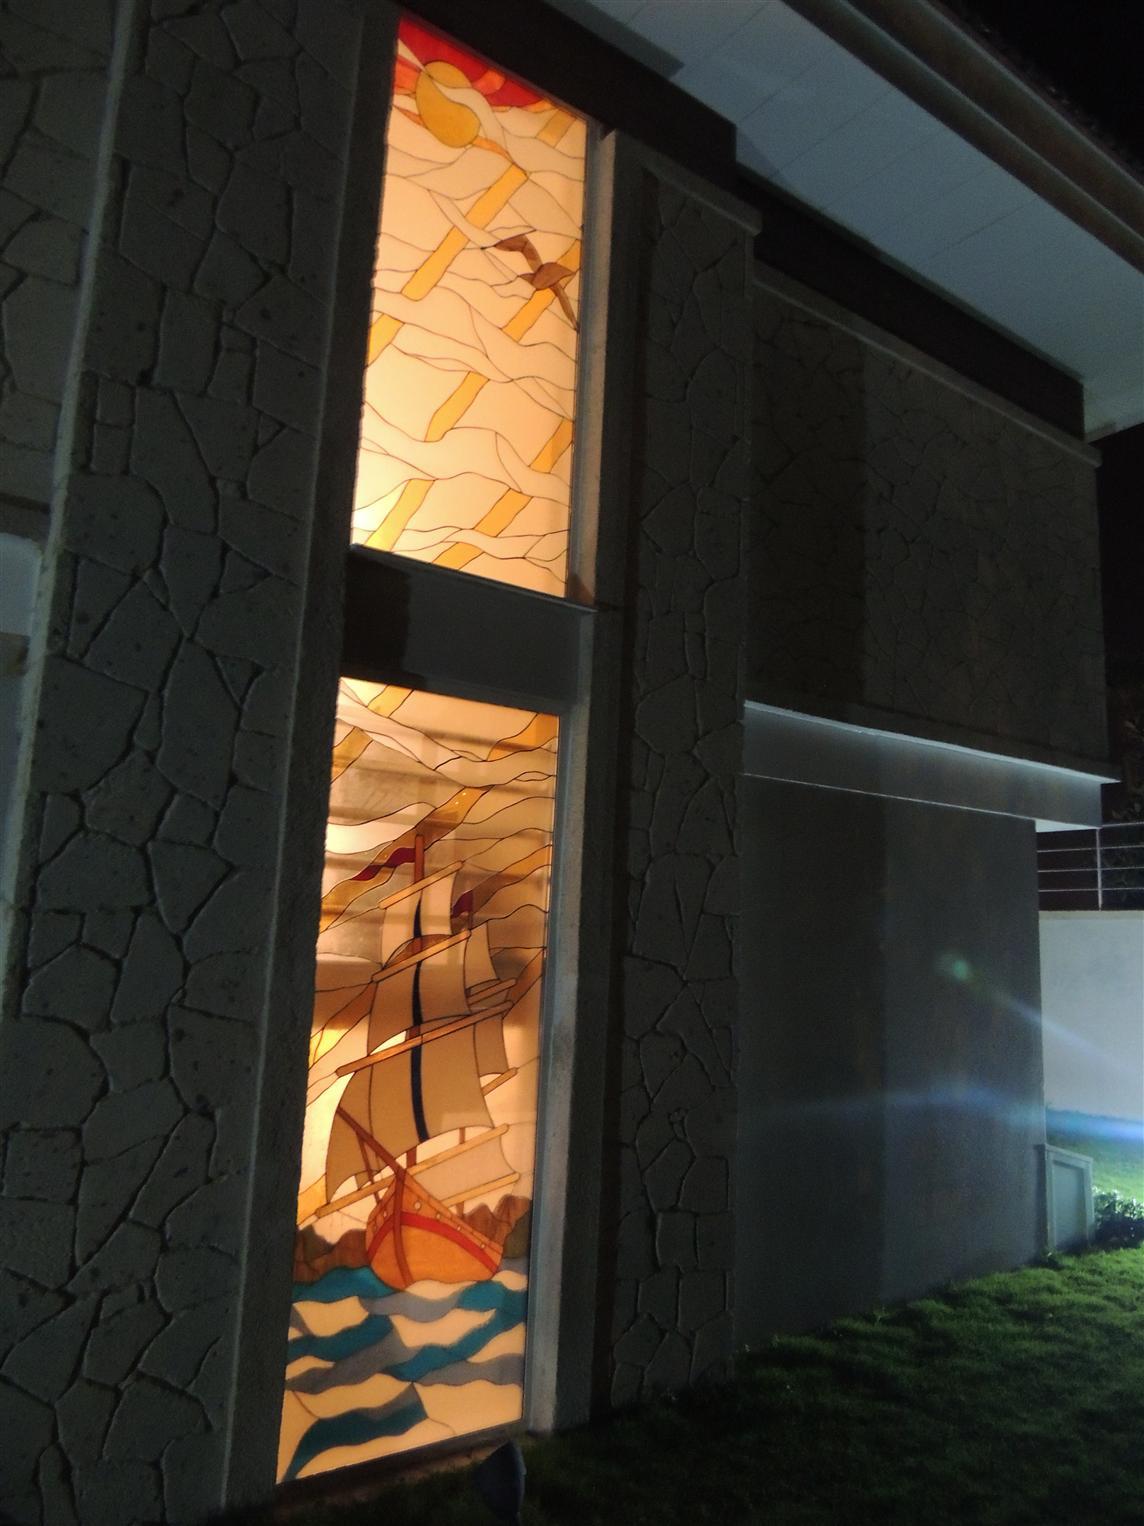 izka-insaat-life-port-evleri2015921164939384.jpg izmir vitray çalışması